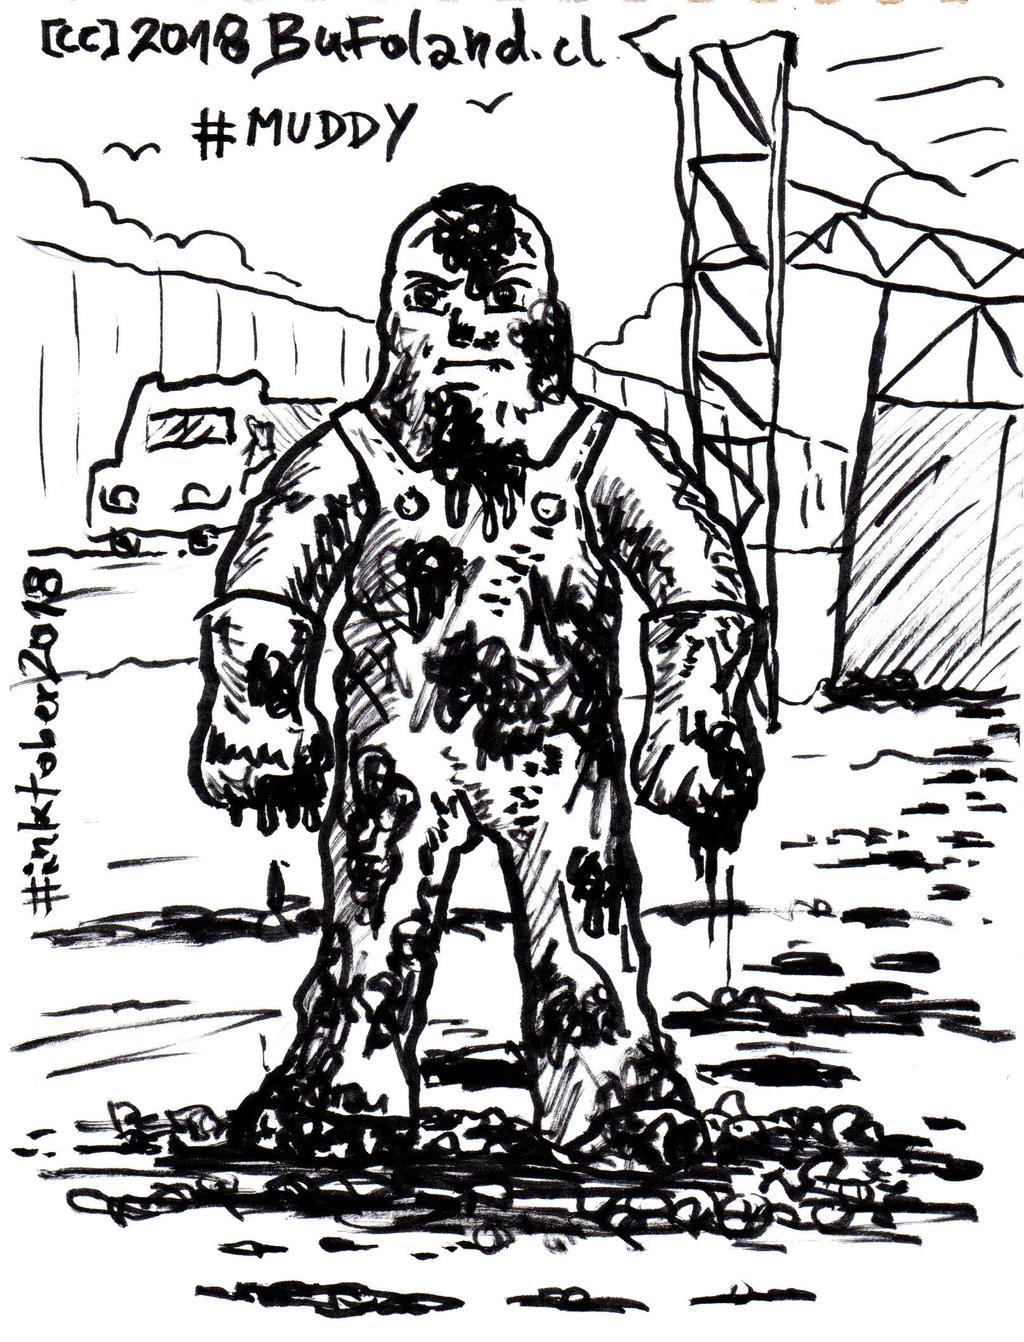 Muddy - Embarrado